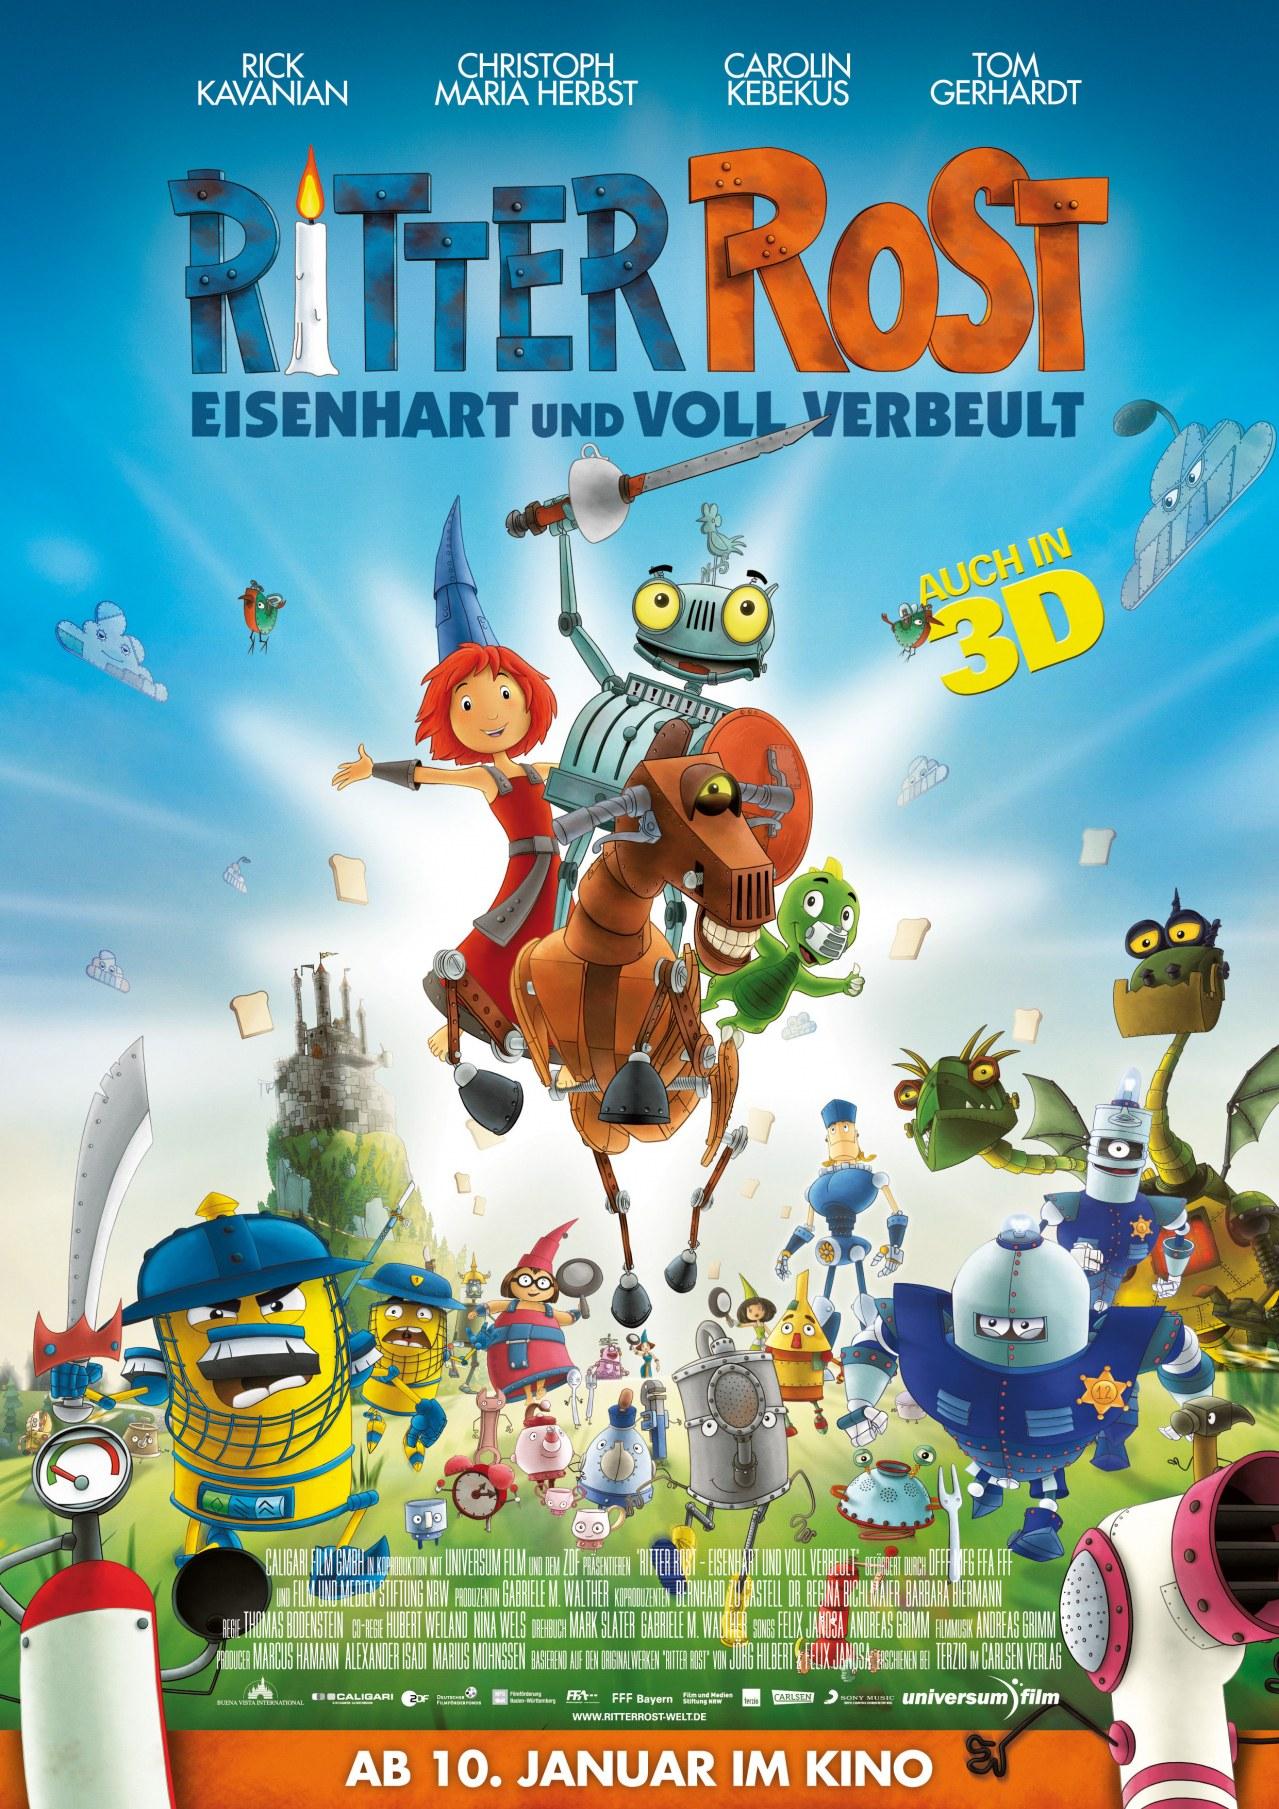 Ritter Rost - Eisenhart und voll verbeult - Bild 5